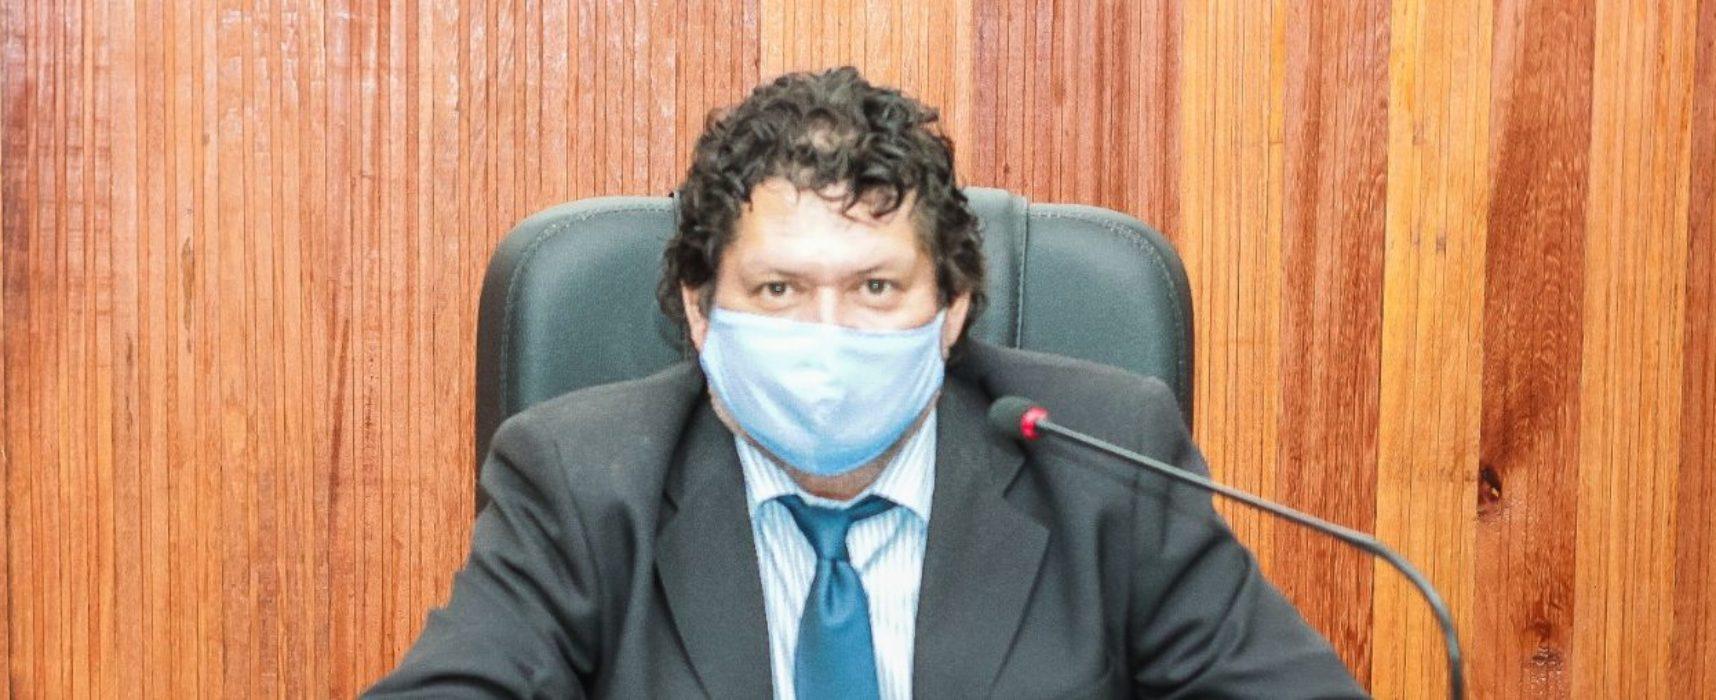 Ver. Edvaldo Gomes solicita pavimentação asfáltica e drenagem para o Banco da Vitória